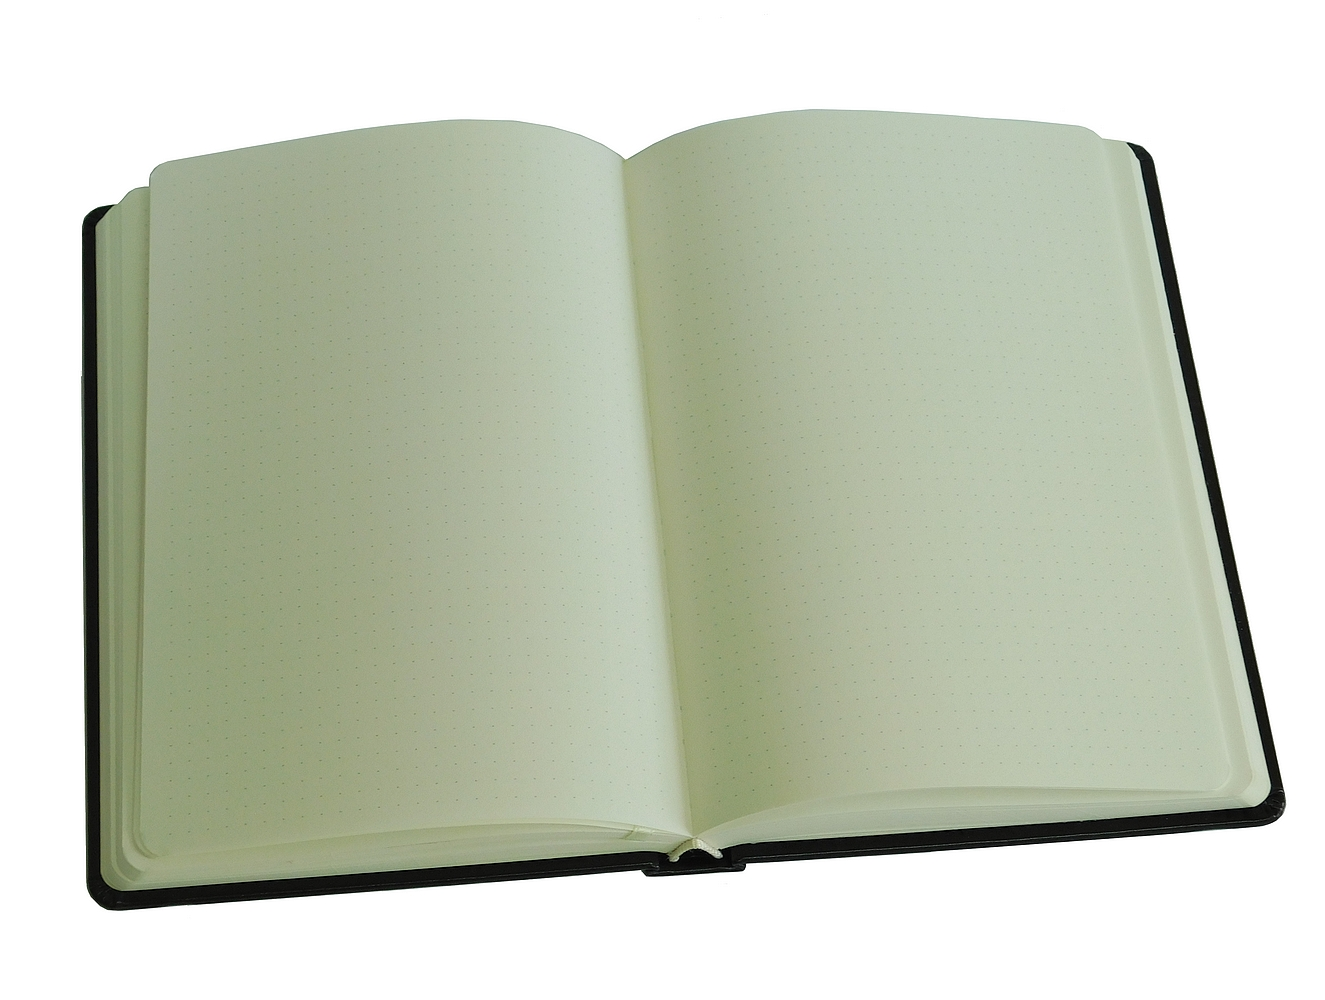 БЛОКНОТ ЗАПИСНАЯ книжка с откидной крышкой ДНЕВНИК A5 пуля